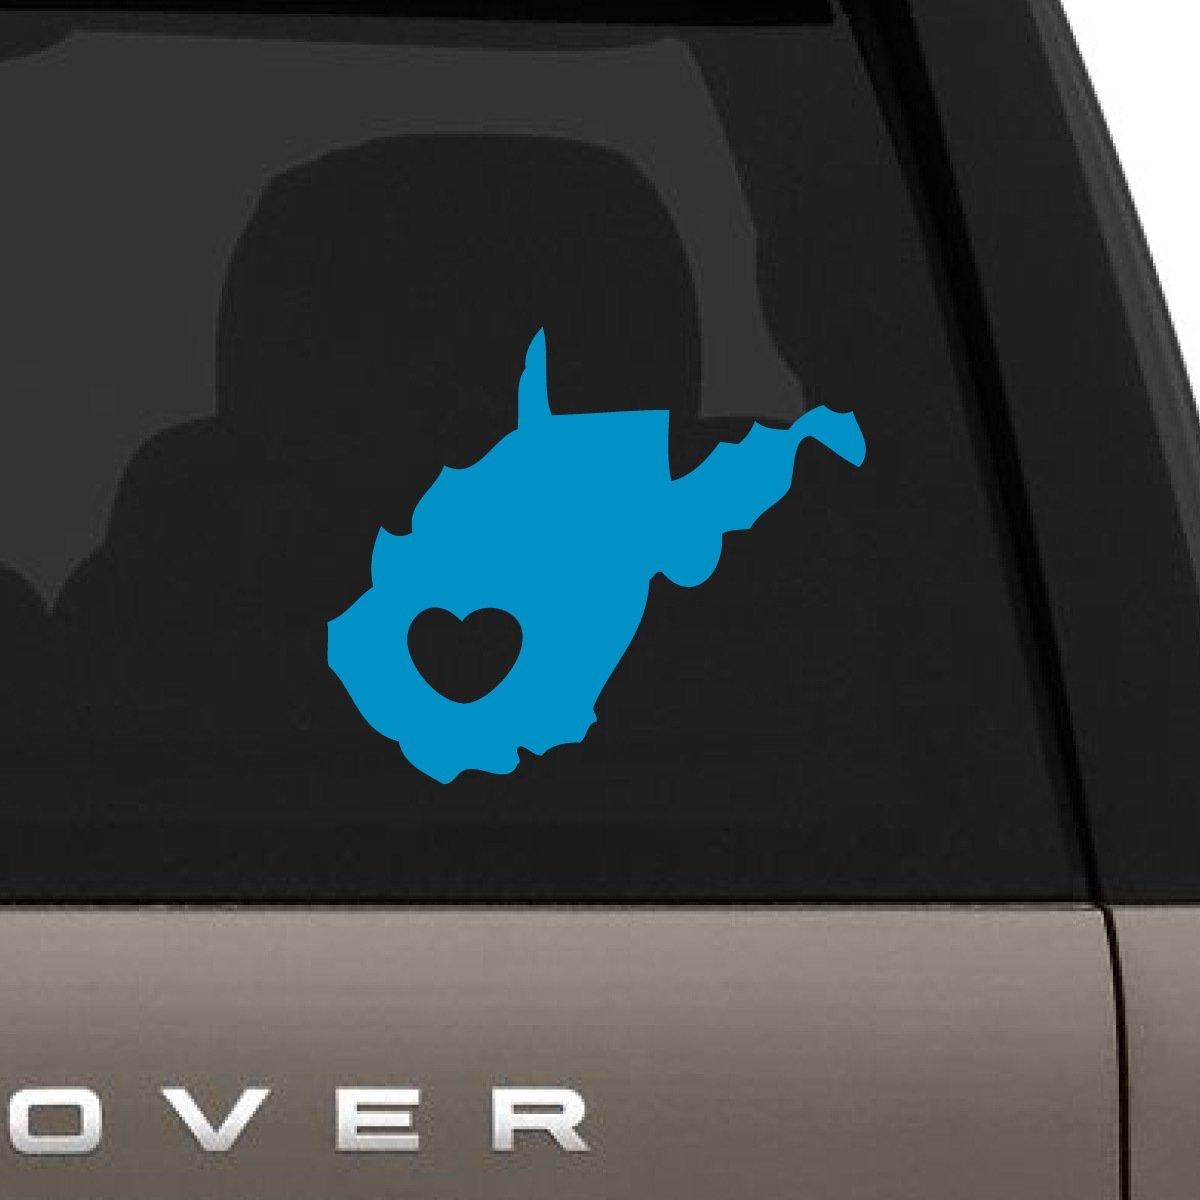 【人気商品!】 I Love West Decal H Virginia車デカール、Die x Cut Vinyl Decal for Windows車、トラック、ツールボックス、ノートパソコン、ほぼすべてmacbook-ハード、滑らかな表面 12